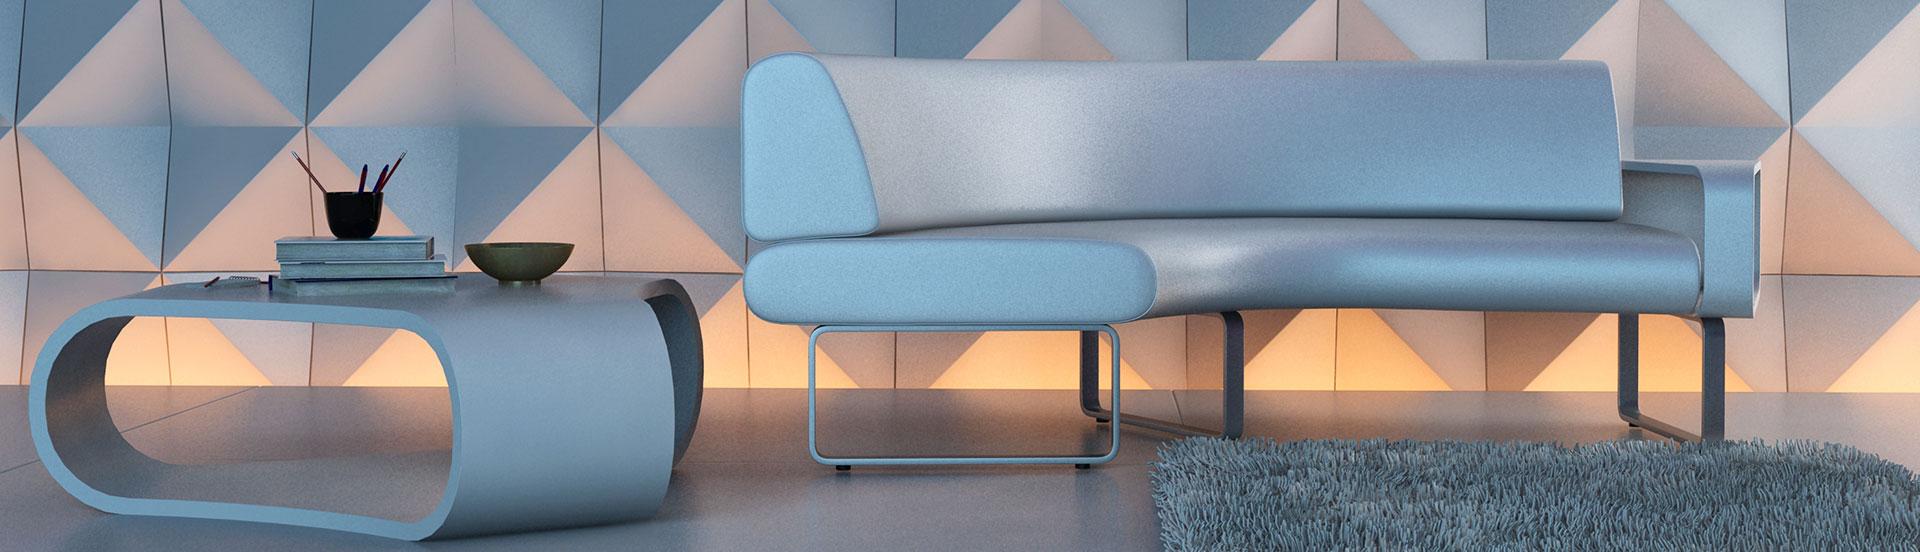 Hochwertiges Interior Design durch abgeschweisste Kunstlederbezüge, mah münchner autostoff handel GmbH